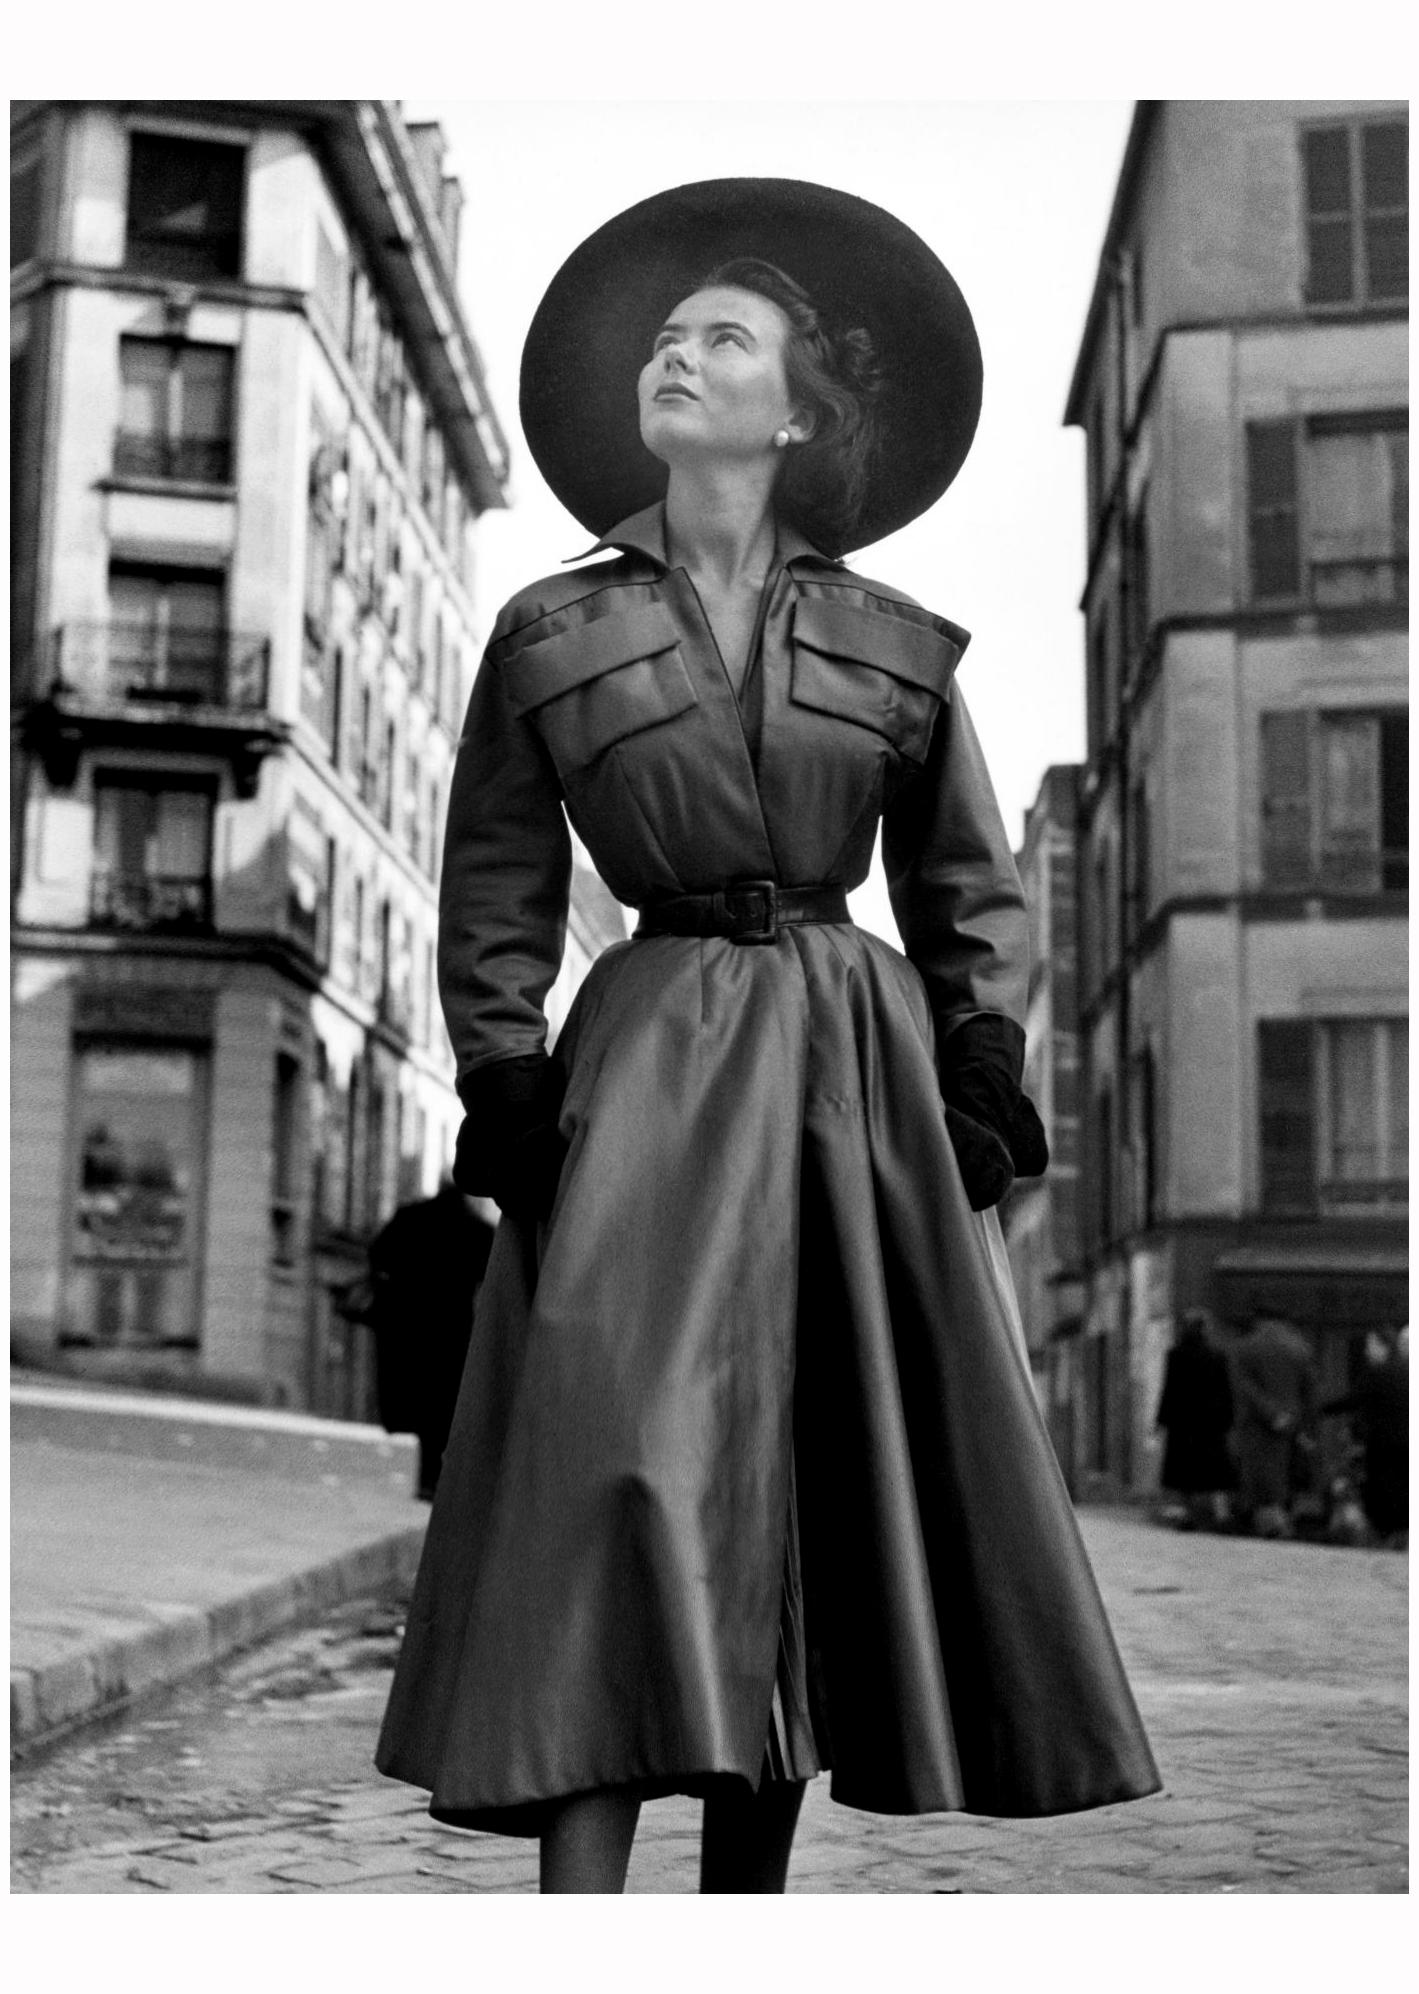 1941 Ad Buck Skein Joe Jacket Clothing Lustberg Nast 212